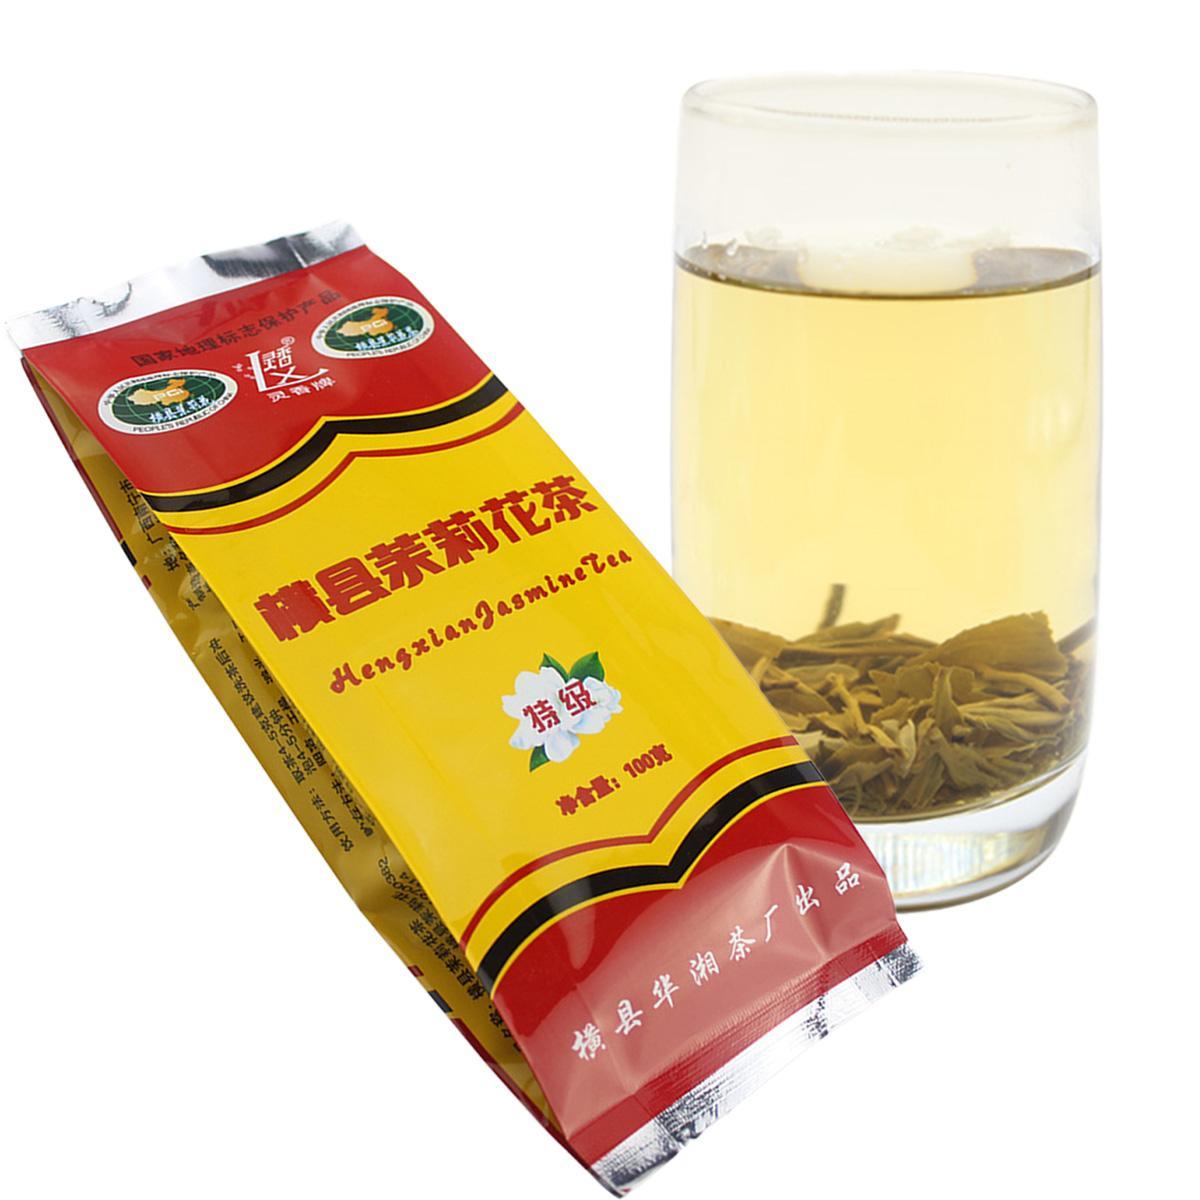 Tercih 100g Çin Organik Yeşil çay Hengxian Yasemin Çiçek ham çayı Sağlık yeni İlkbahar çay Yeşil Gıda Fabrikası Direkt Satış